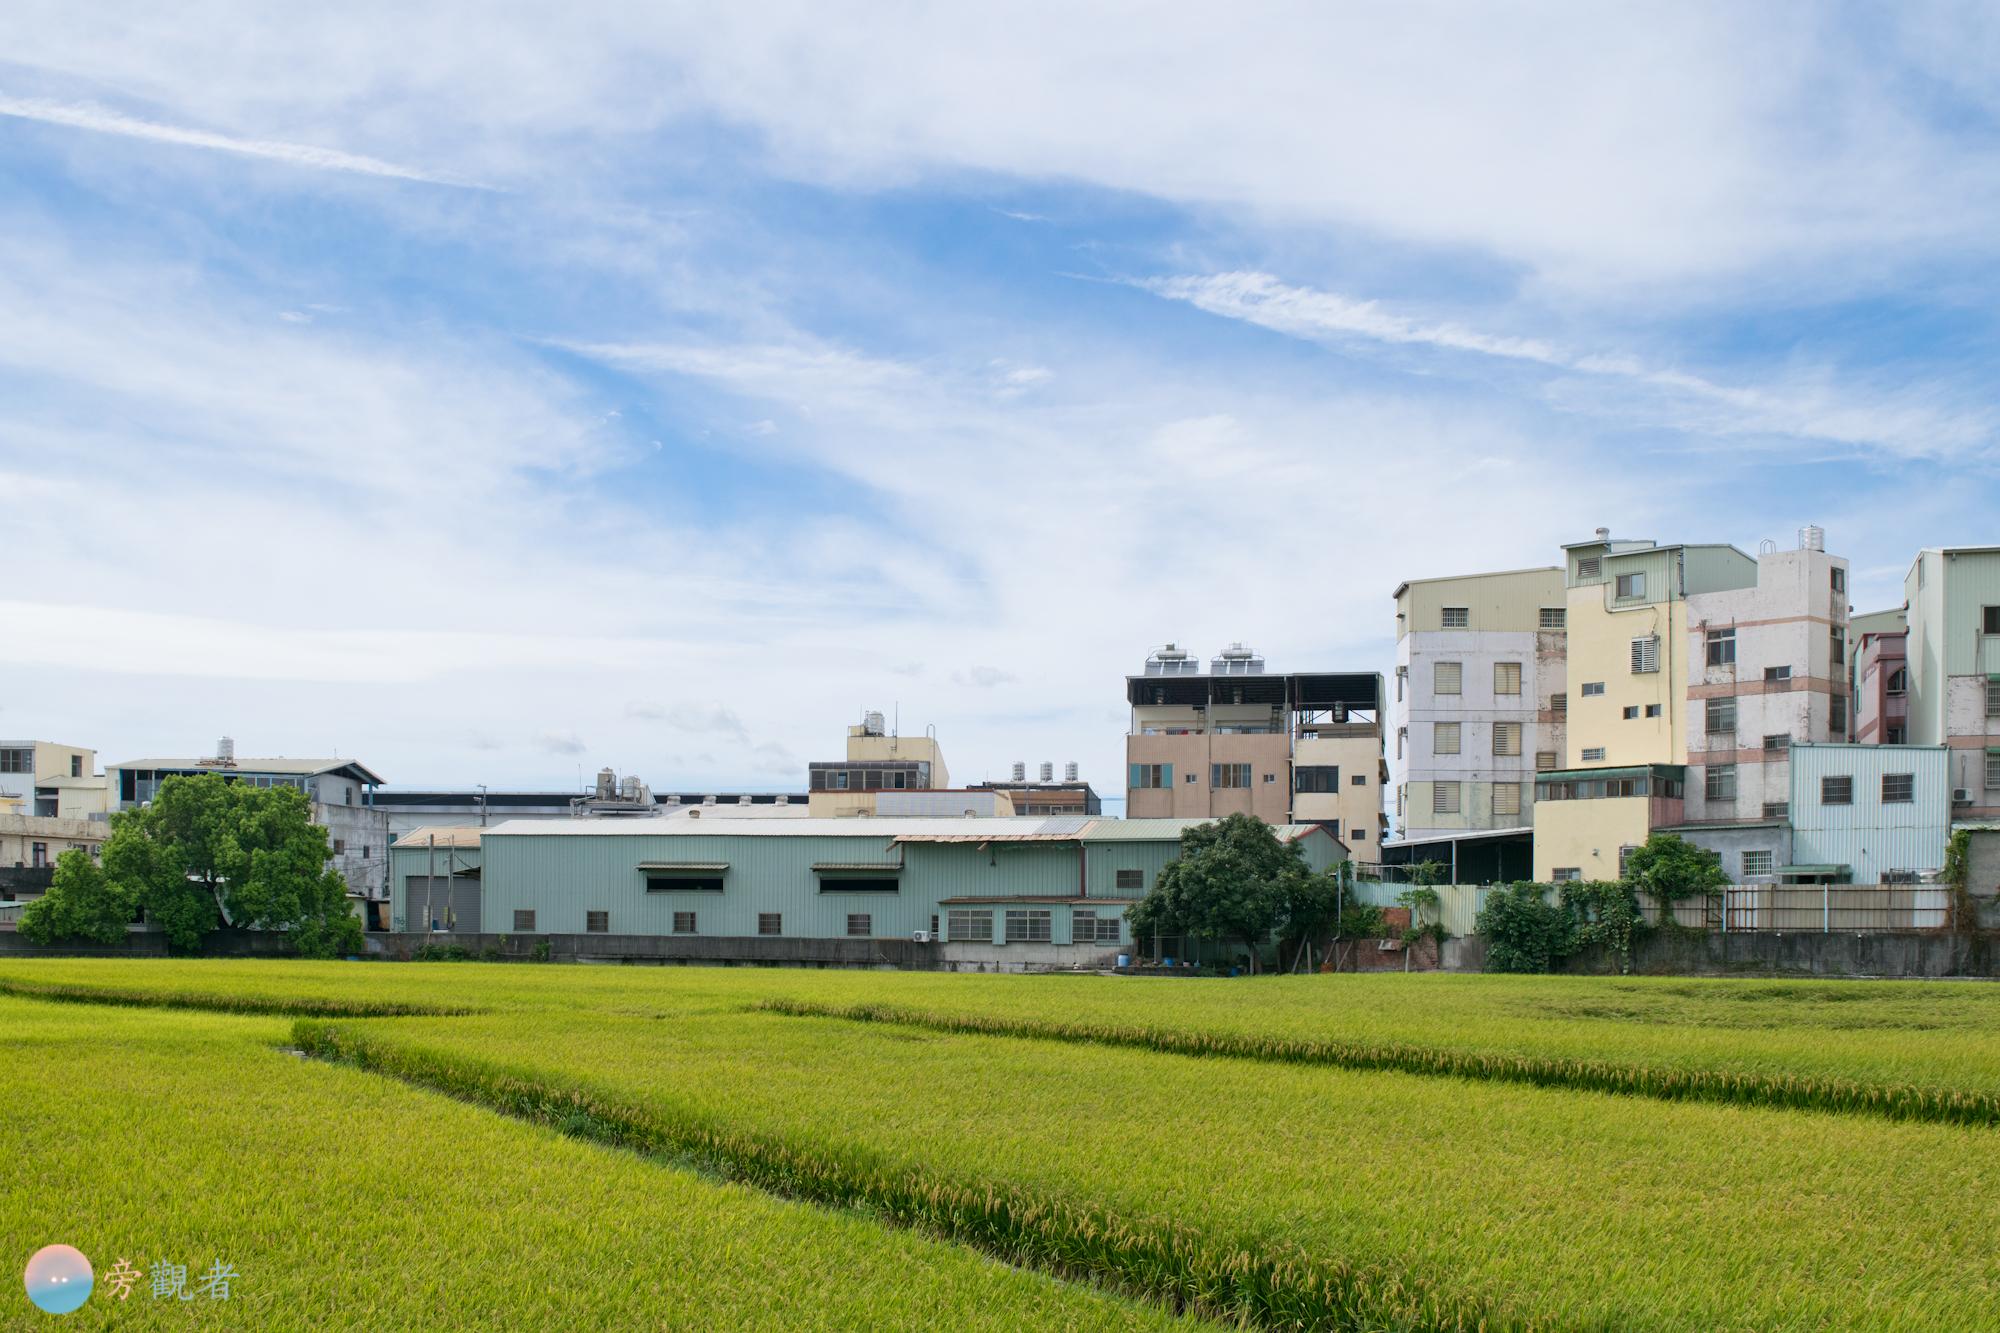 位於商業店鋪、住宅樓房和工廠之間的稻田。台中大里